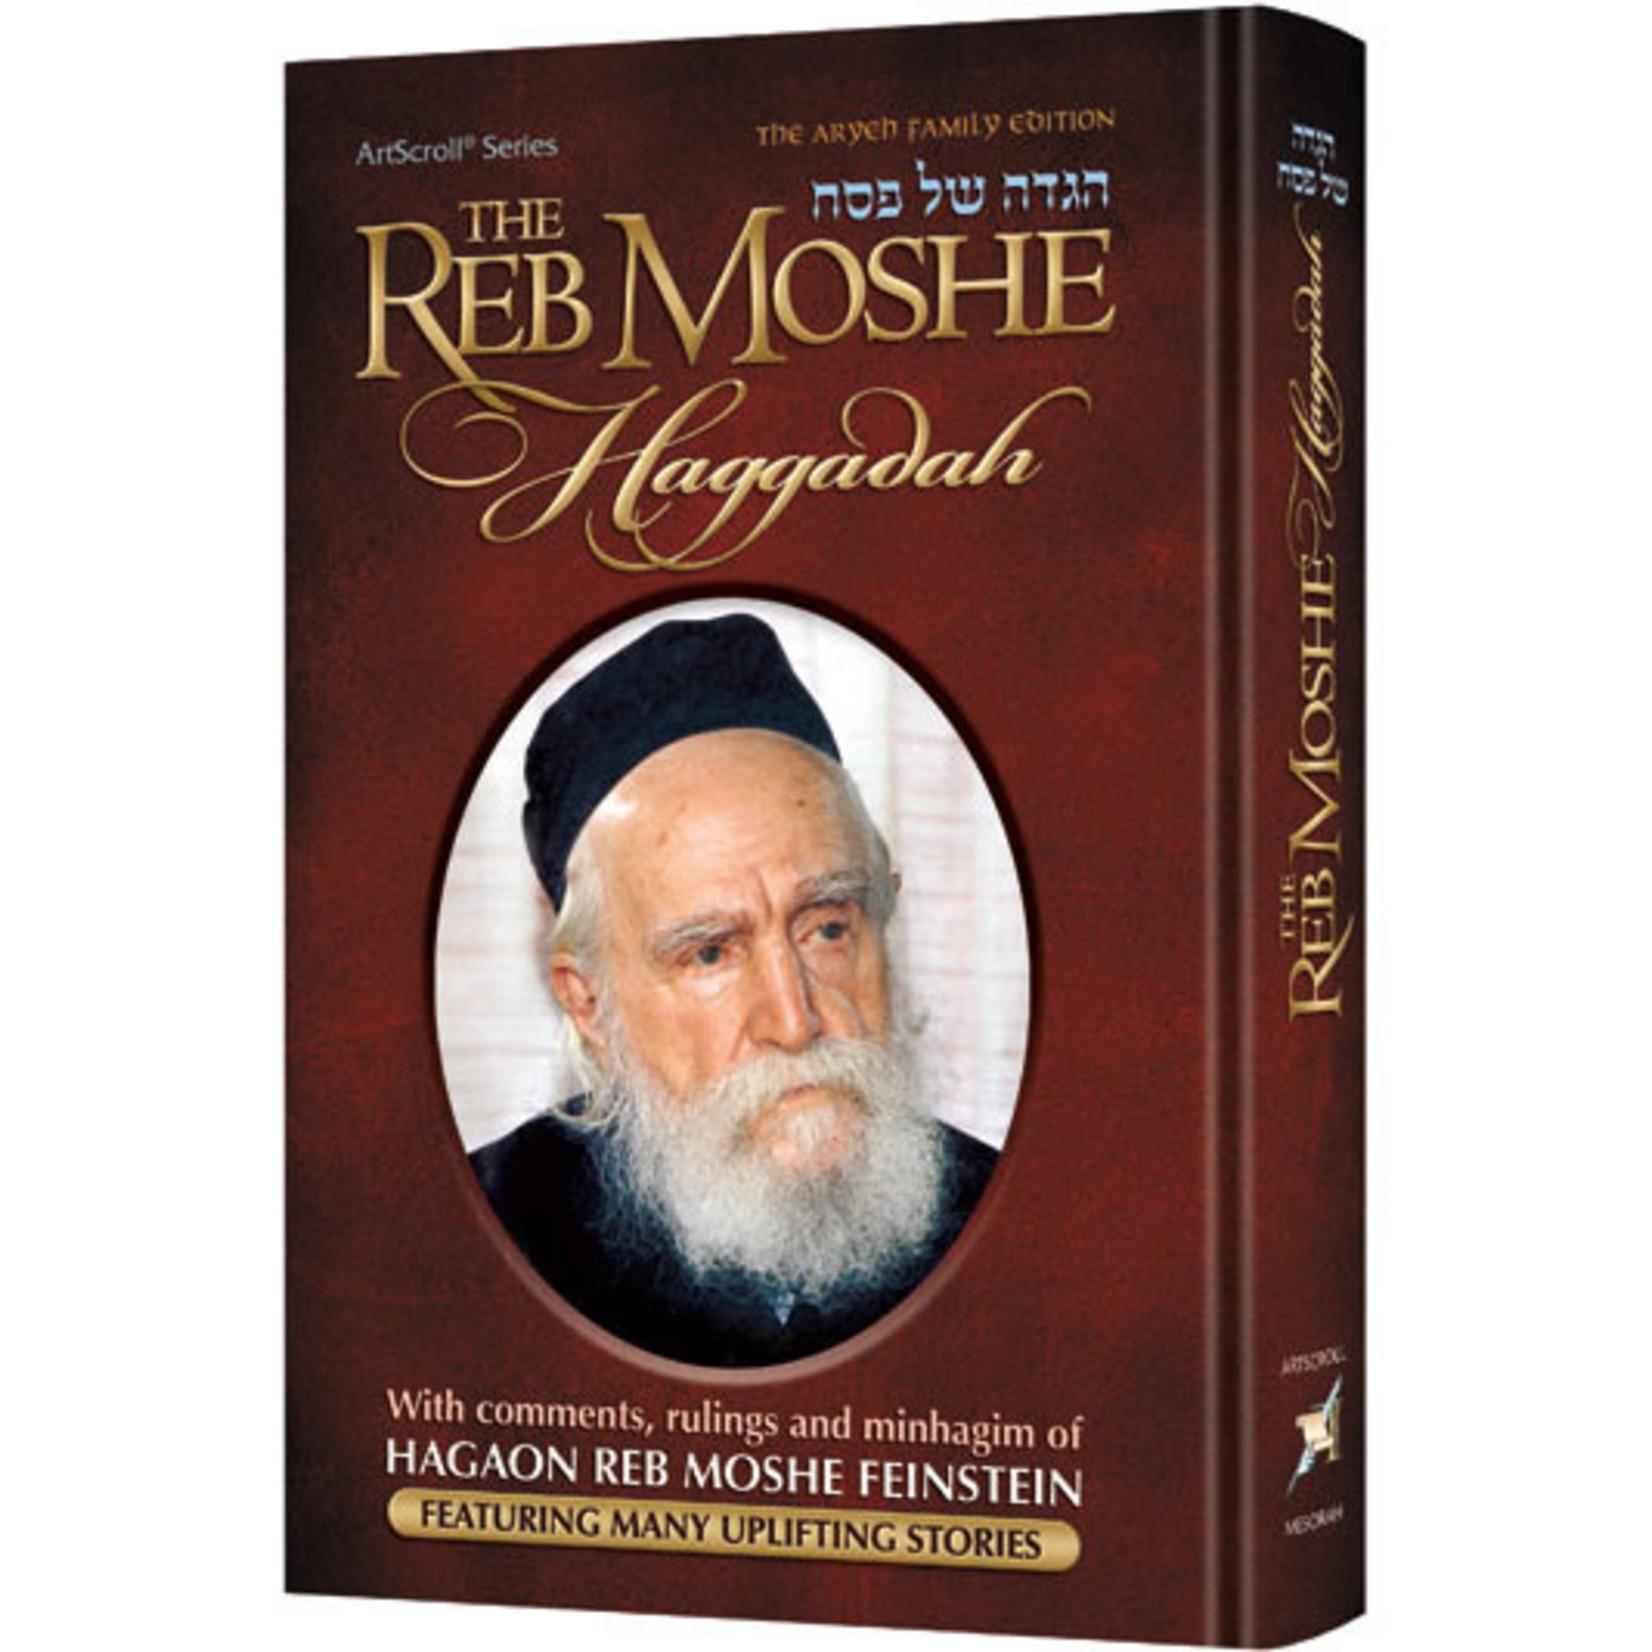 Reb Moshe Haggadah